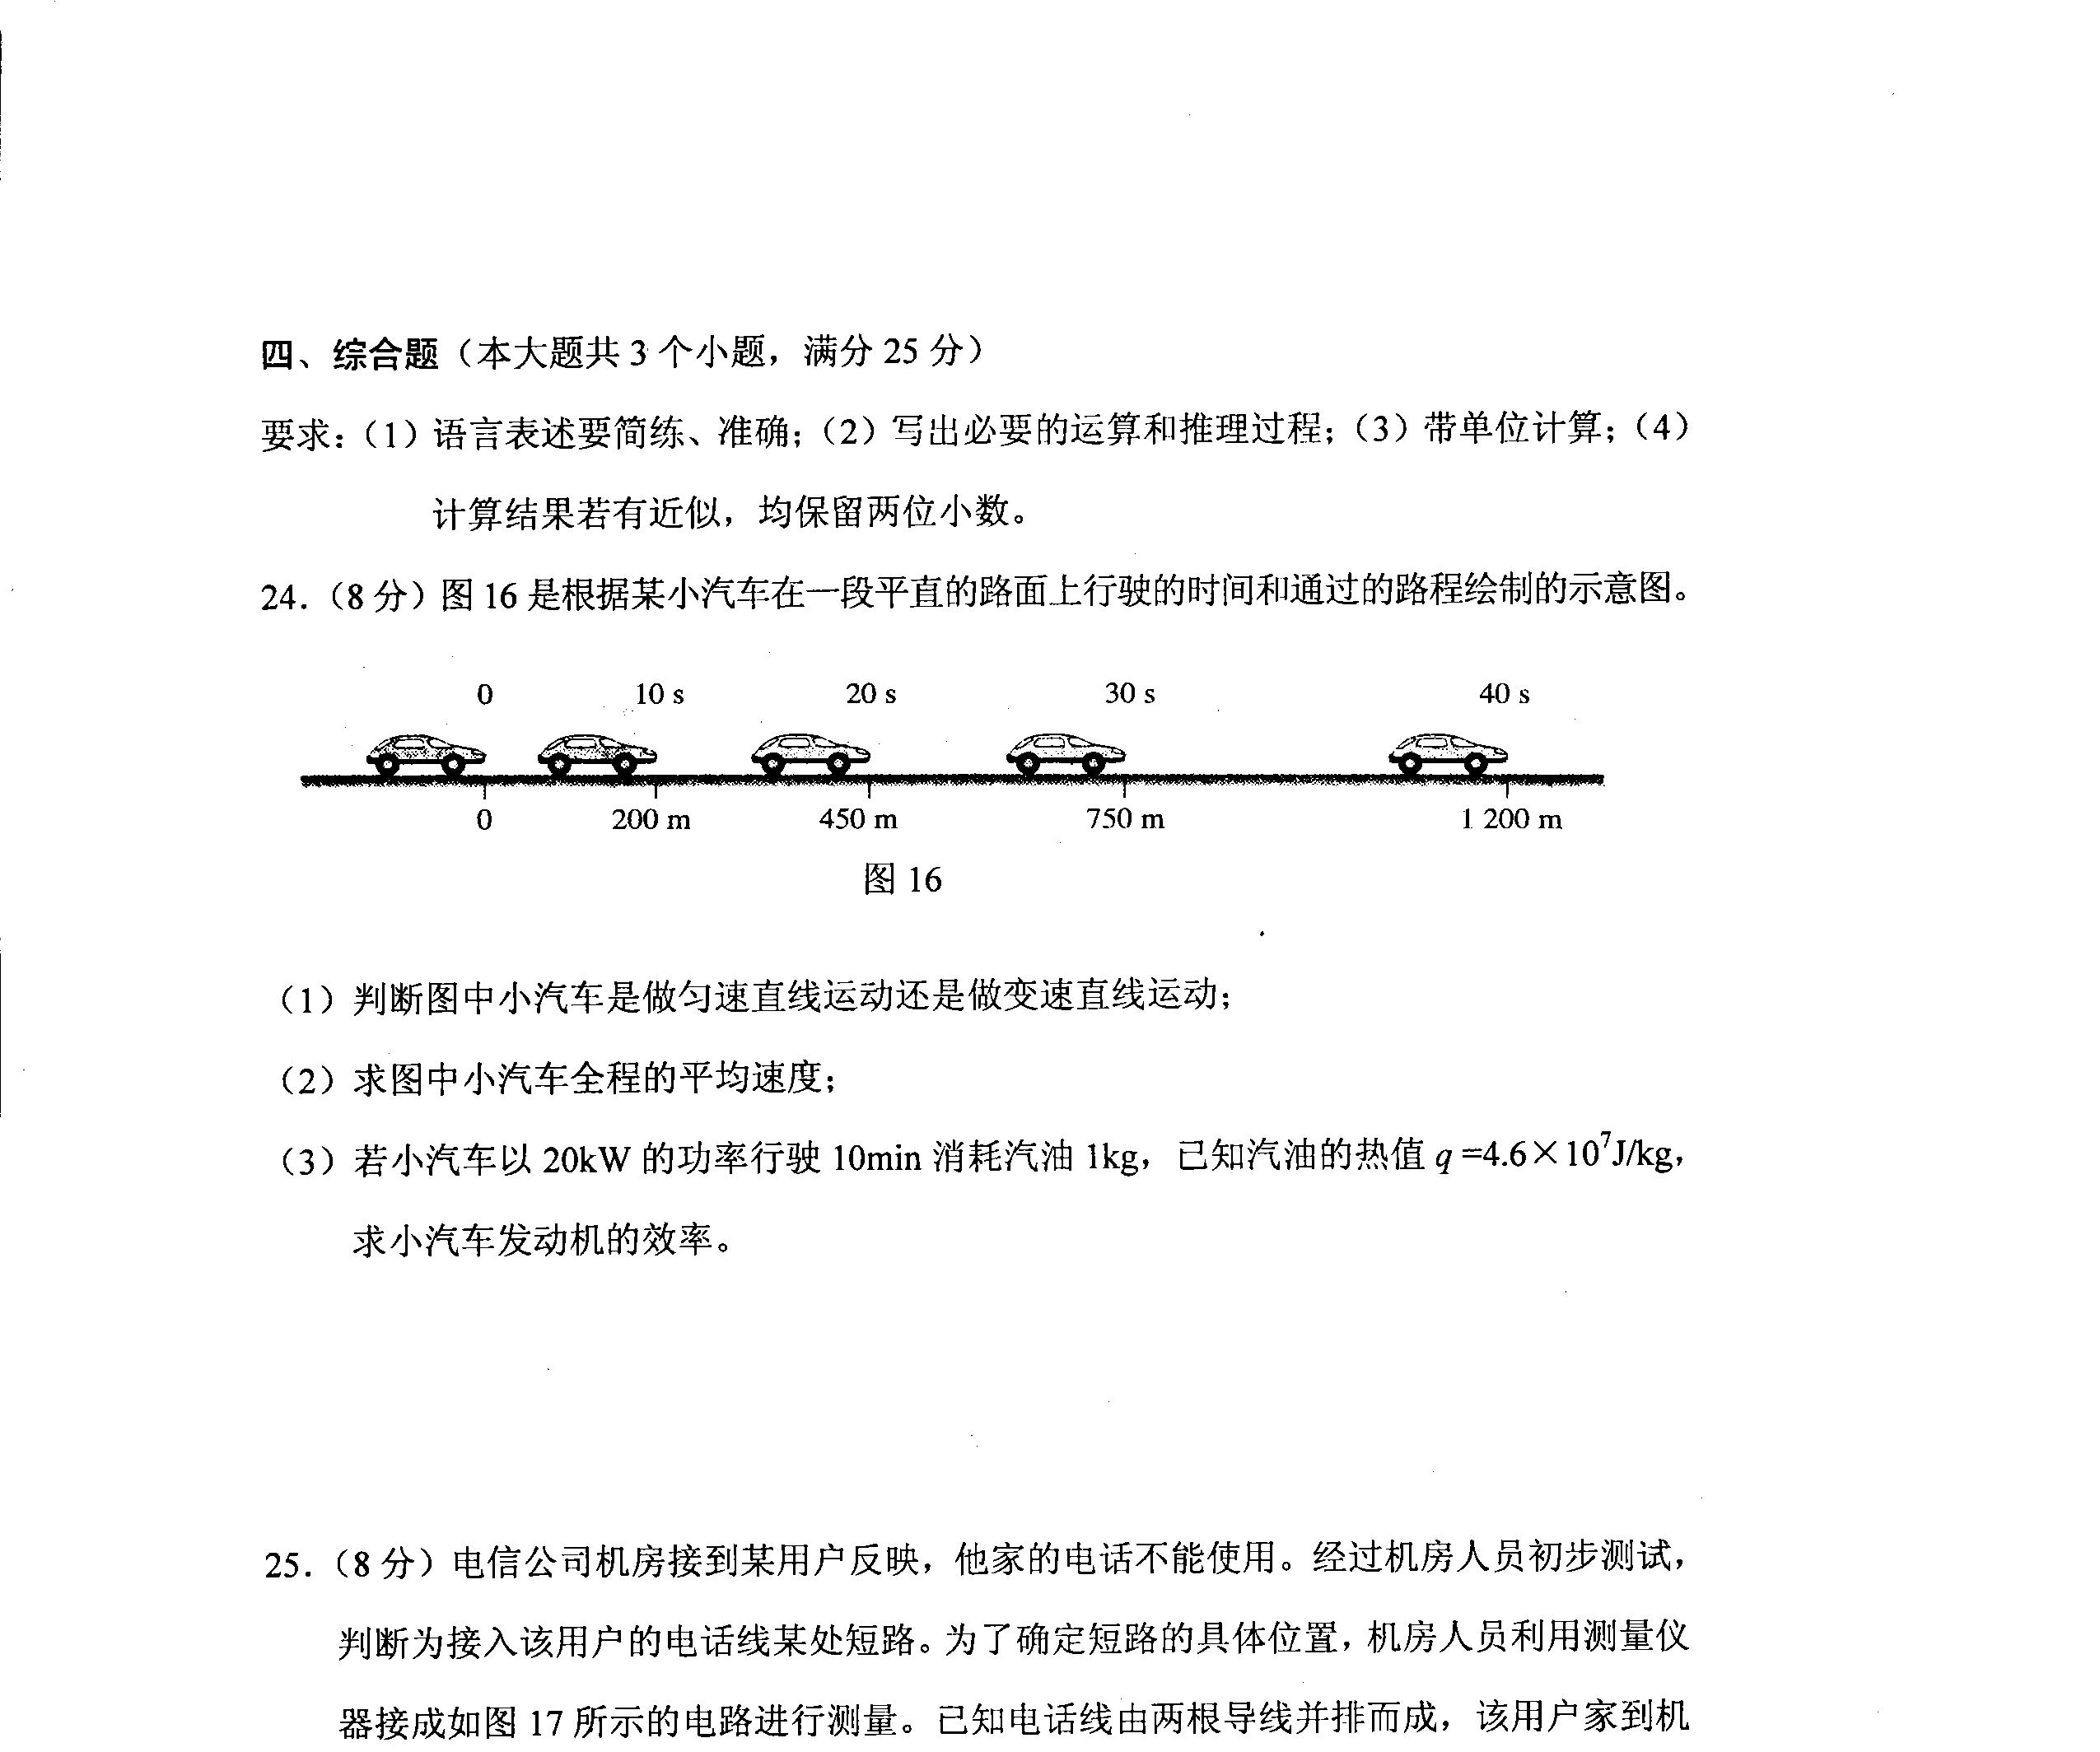 2014年云南省初中學業水平考試物理試題卷(掃描版)8頁初中gv磁力圖片